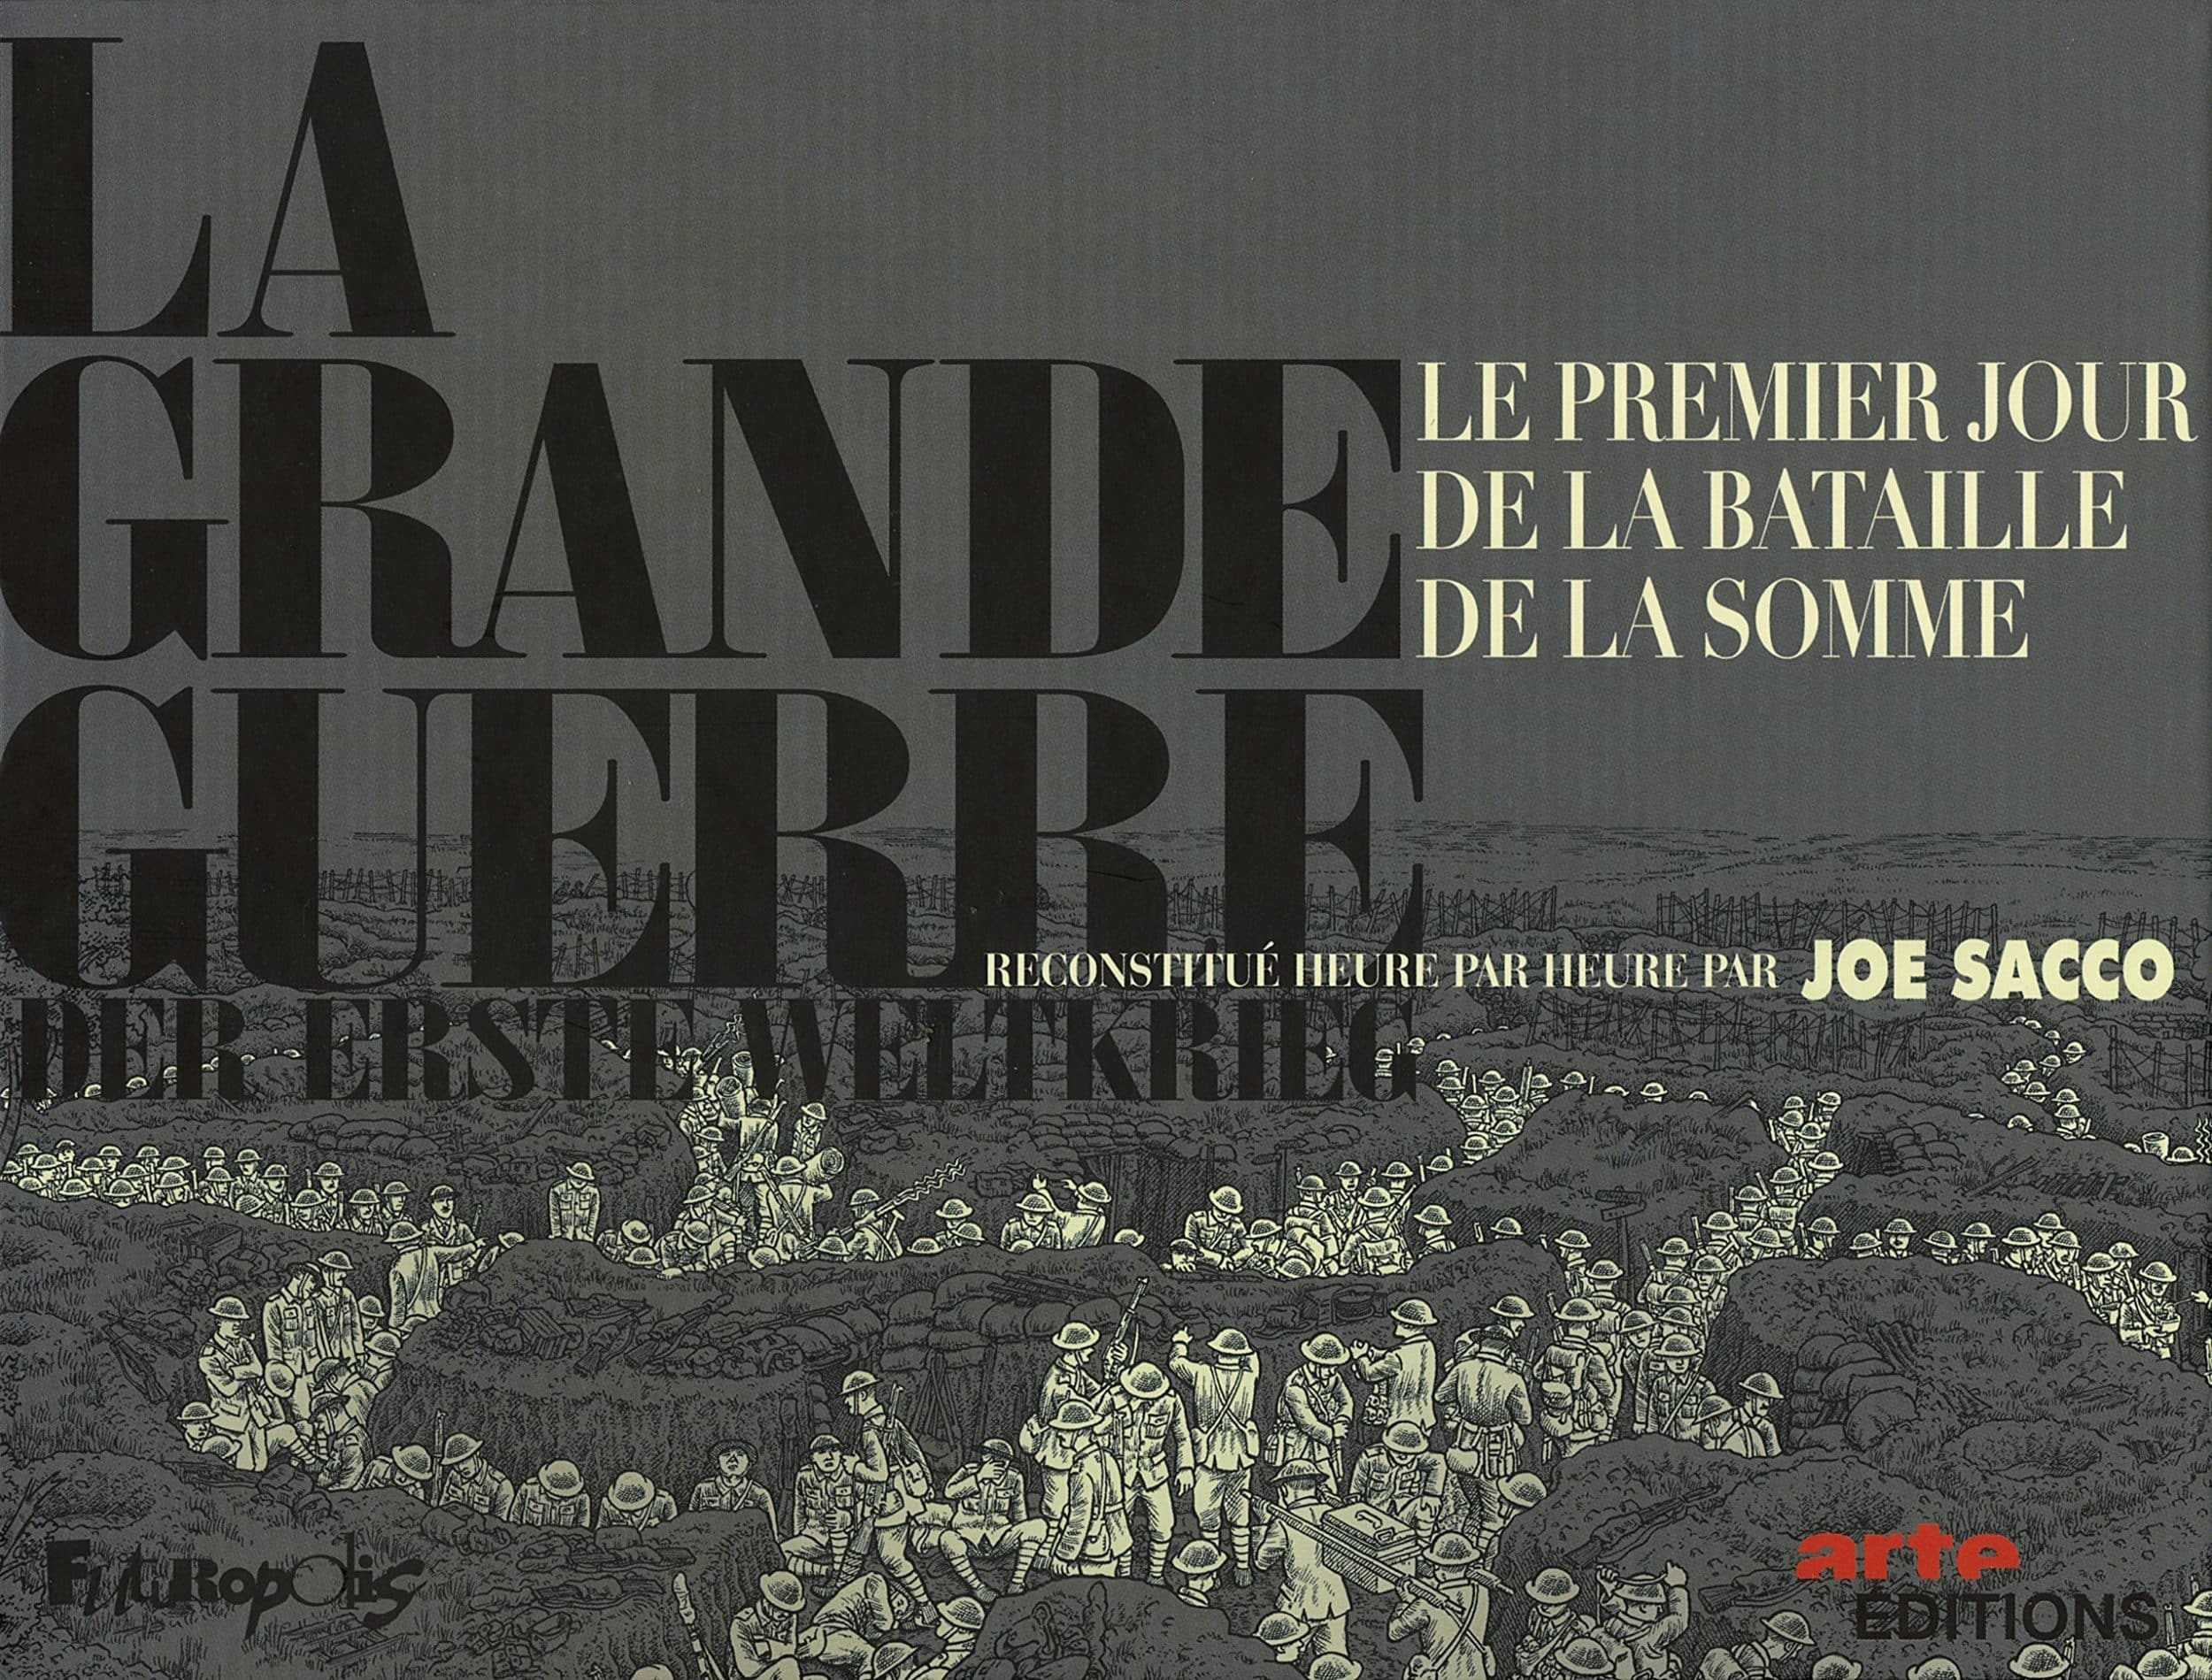 """La Grande Guerre, le premier jour de la bataille de la Somme """"couvert"""" par Joe Sacco"""